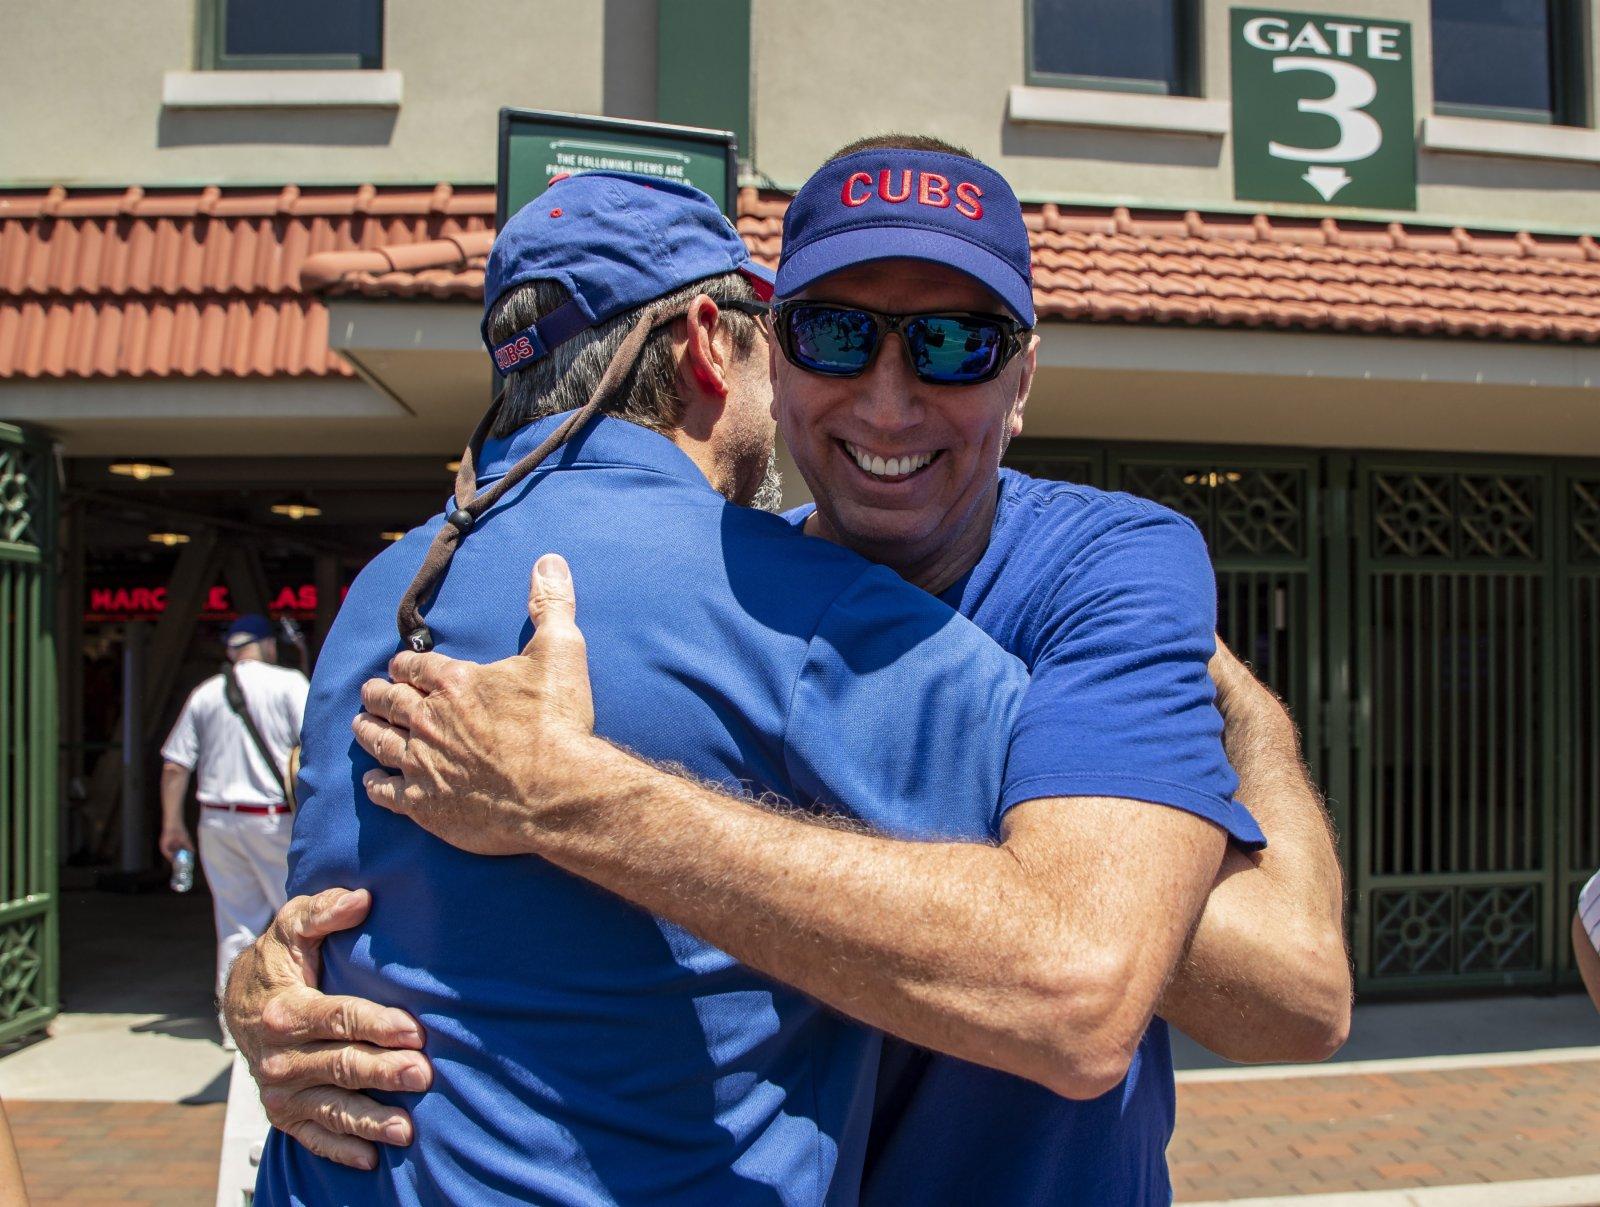 6月11日,在美國伊利諾伊州芝加哥,人們在球場外擁抱。(新華社)